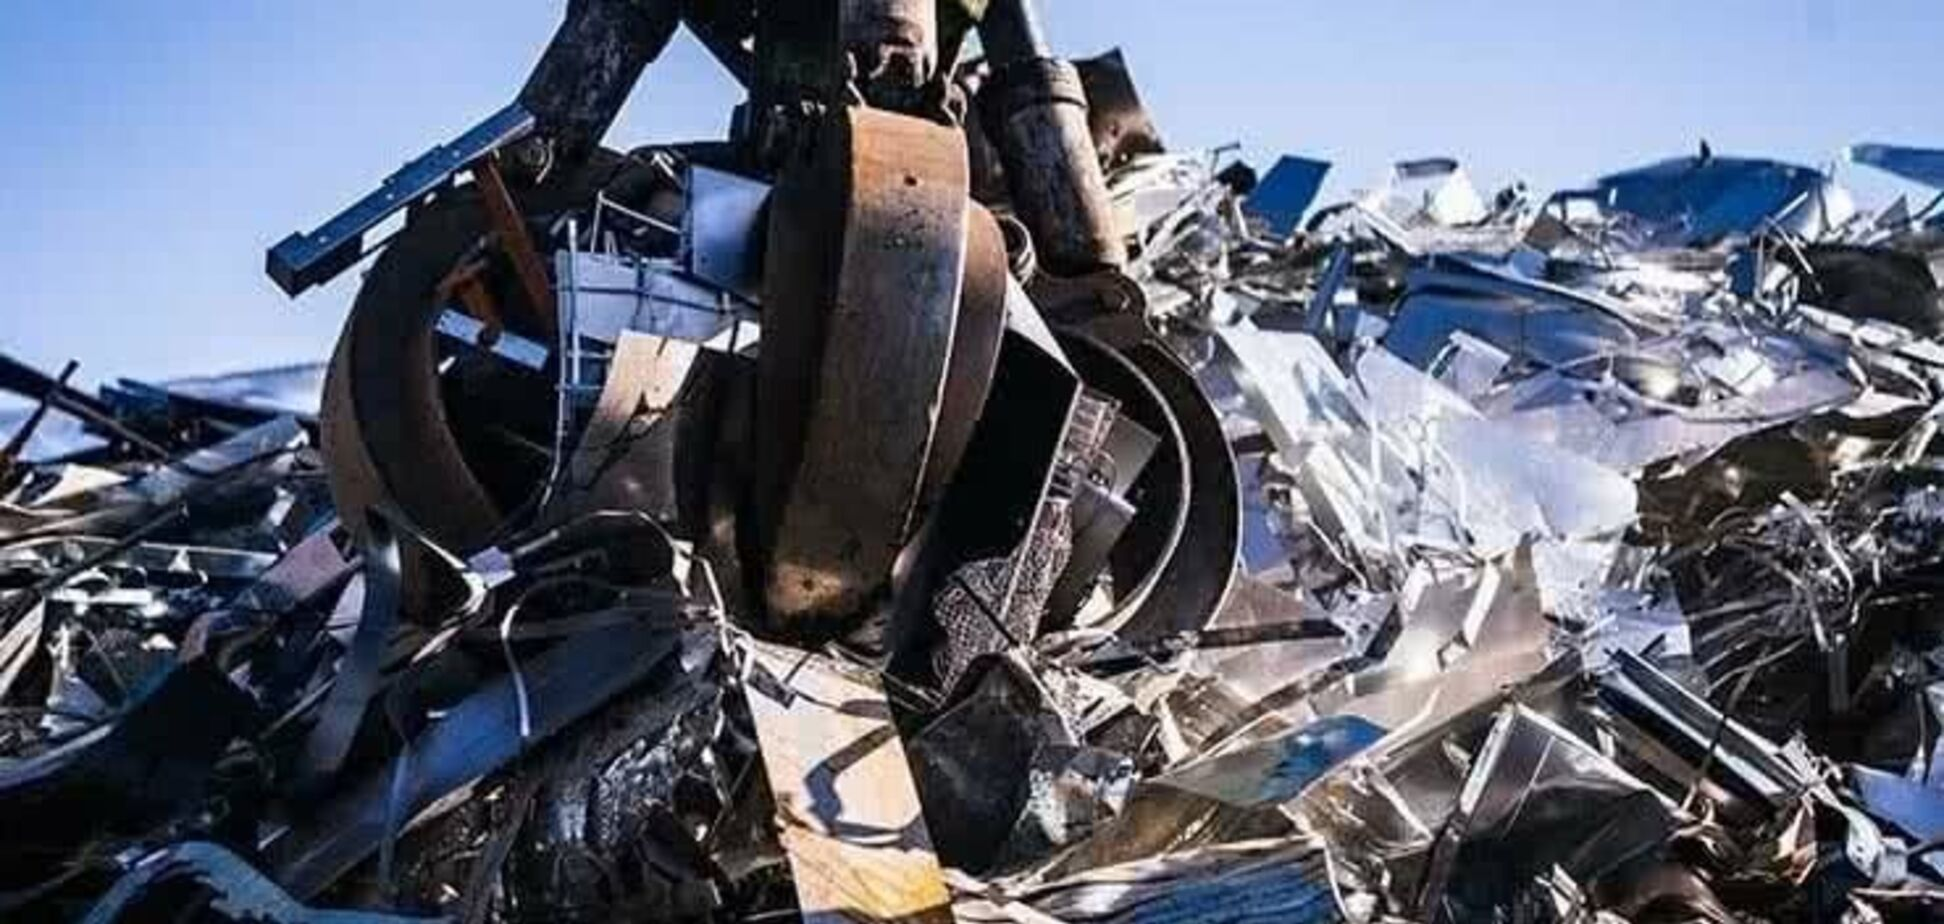 Металлурги просят Шмыгаля запретить экспорт лома, иначе Украина потеряет миллиарды – открытое письмо